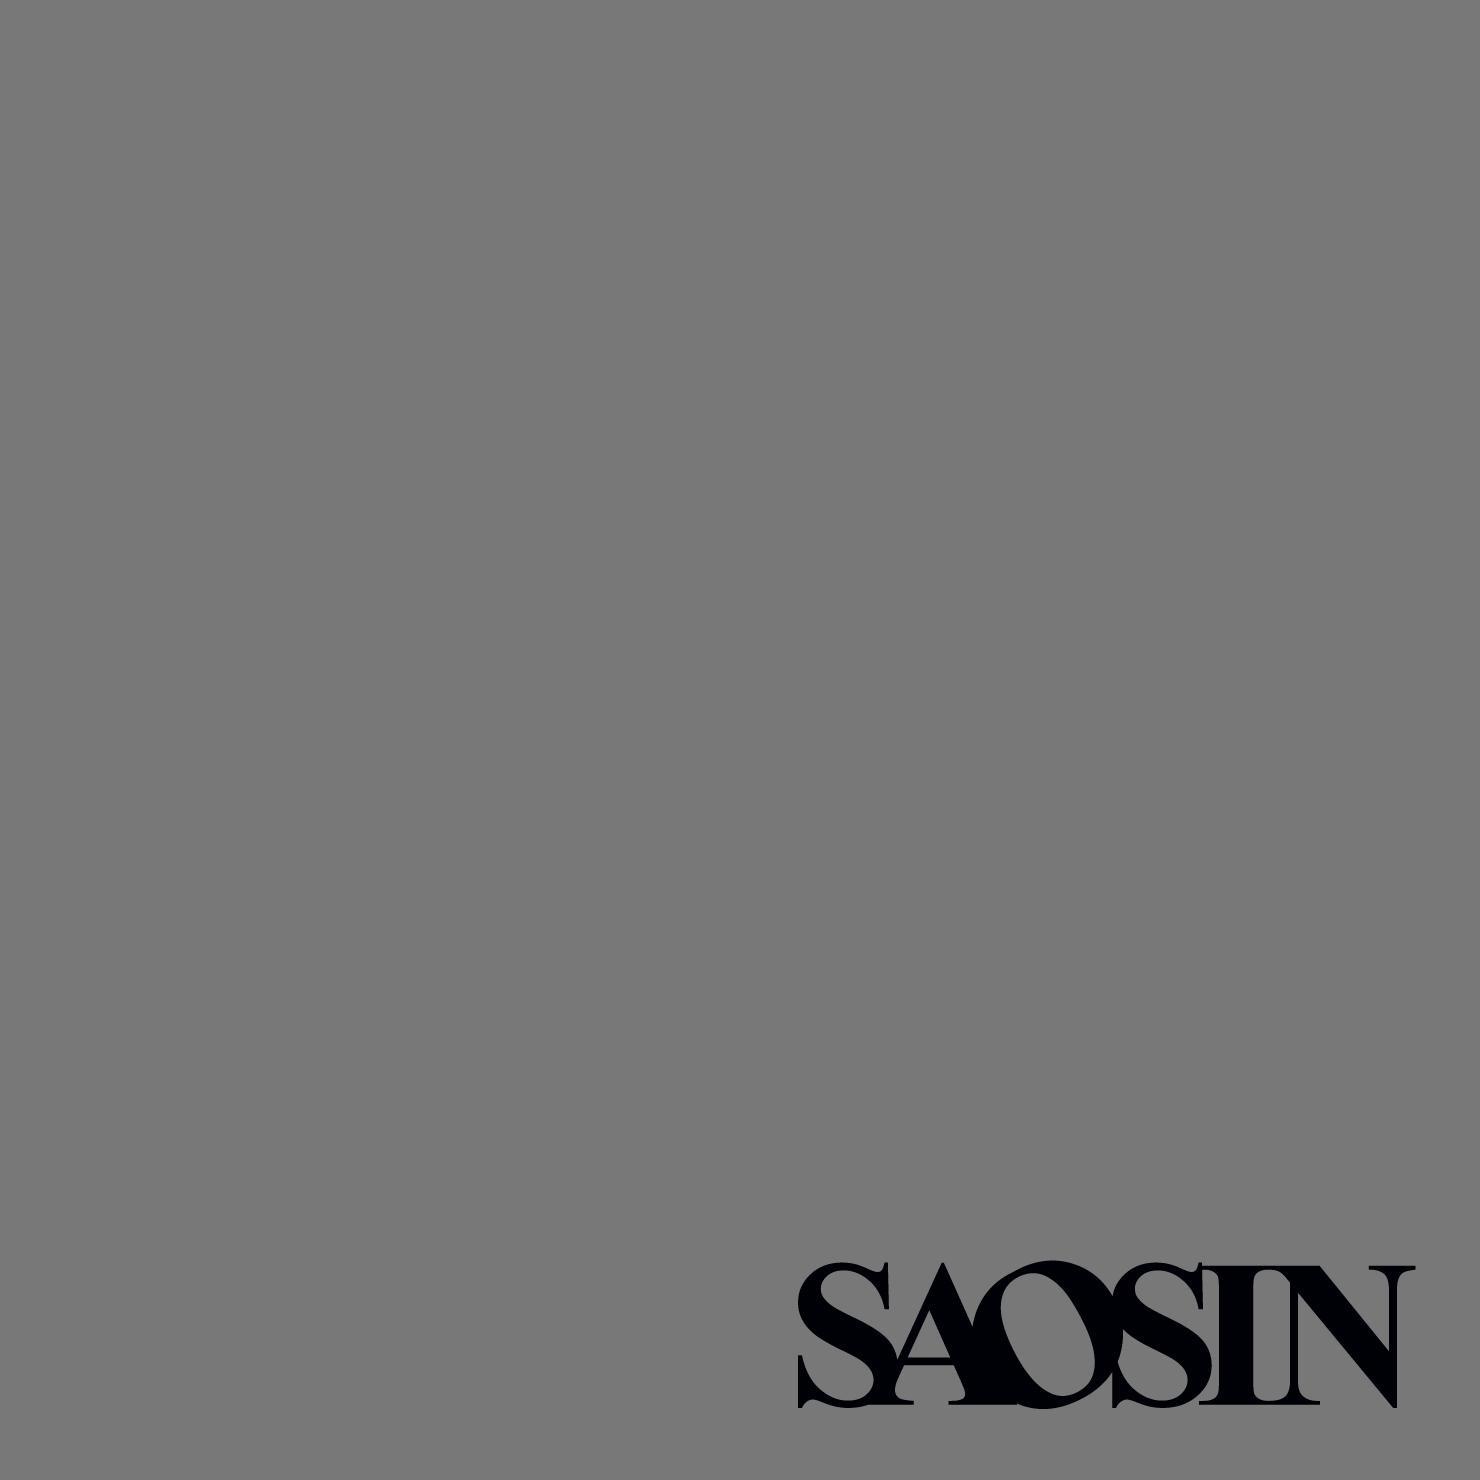 Saosin - The Grey [EP] (2008)